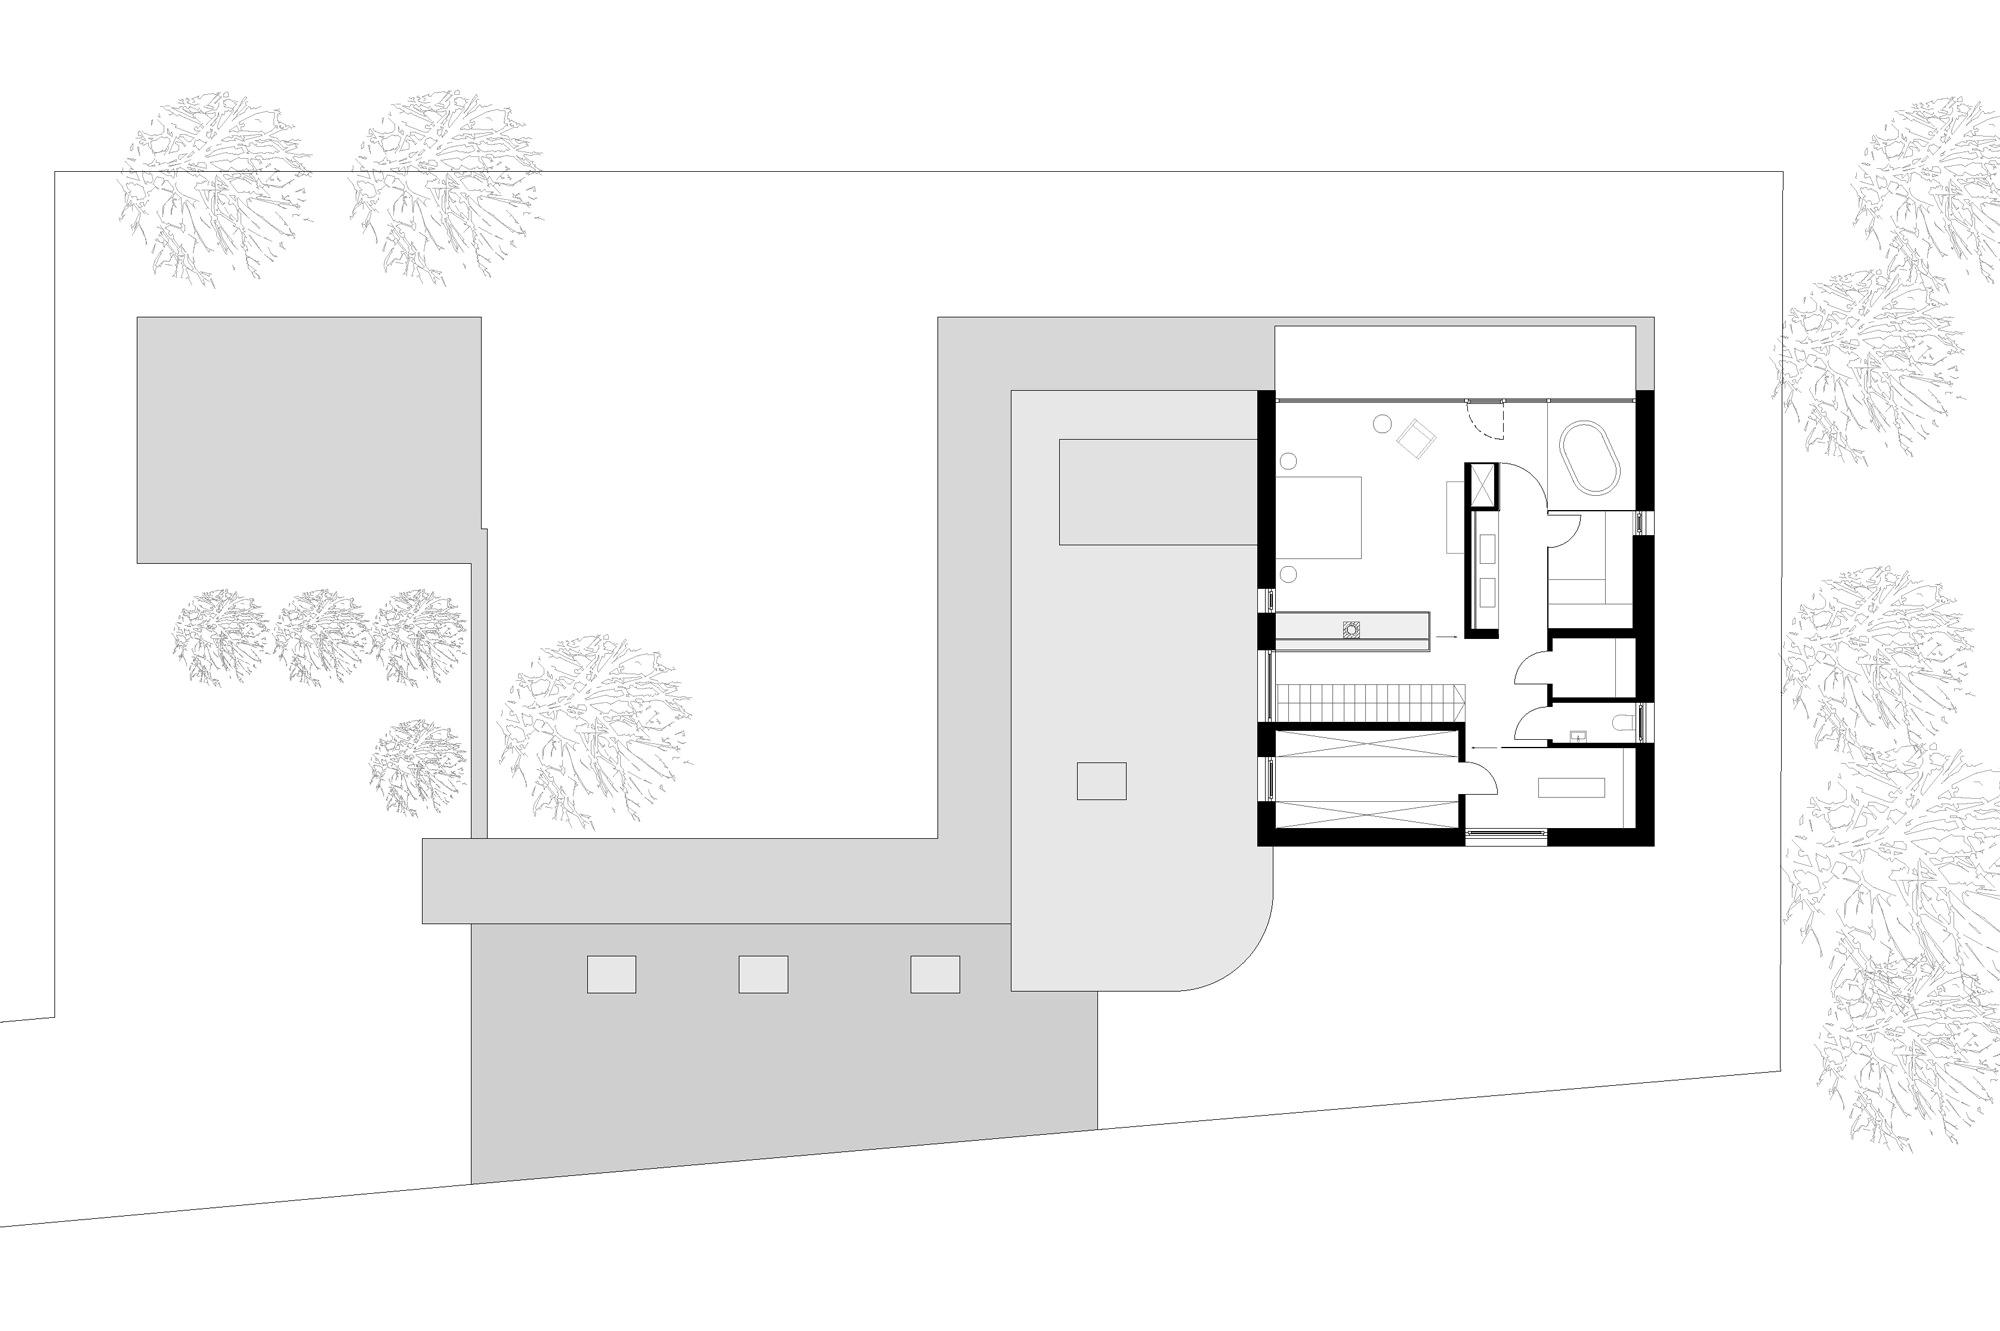 haus_LK_27_einfamilienhaus_im_seewinkel_burgenland_junger_beer_architektur